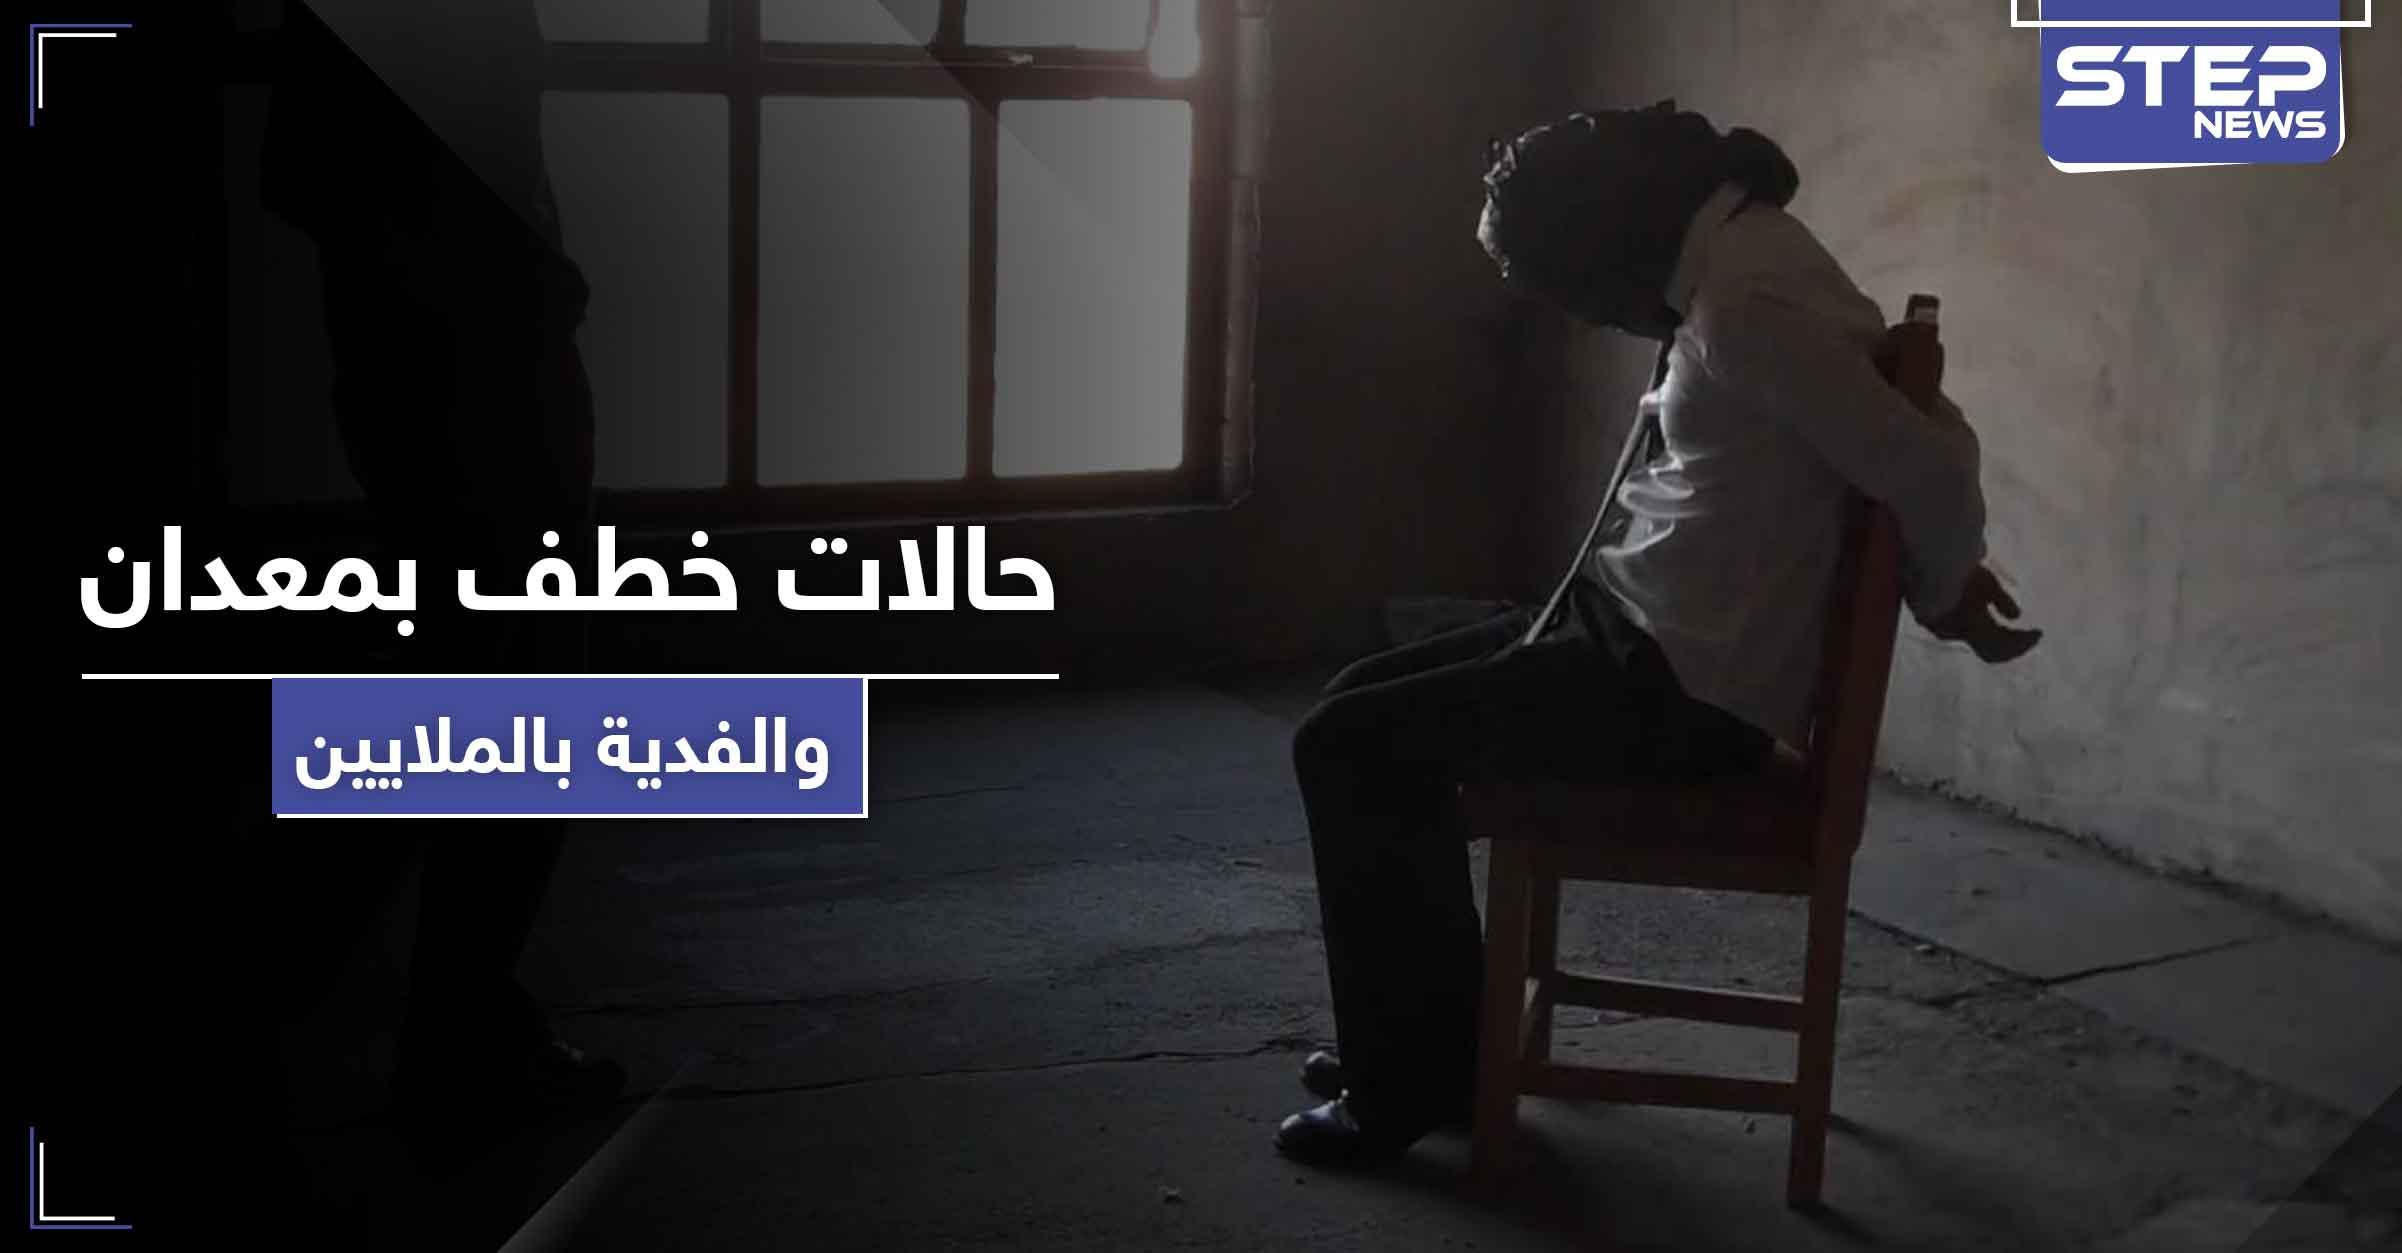 بعد غيابها لـ 6 أعوام متتالية.. حالات الخطف بالفدية تعود لمدينة معدان